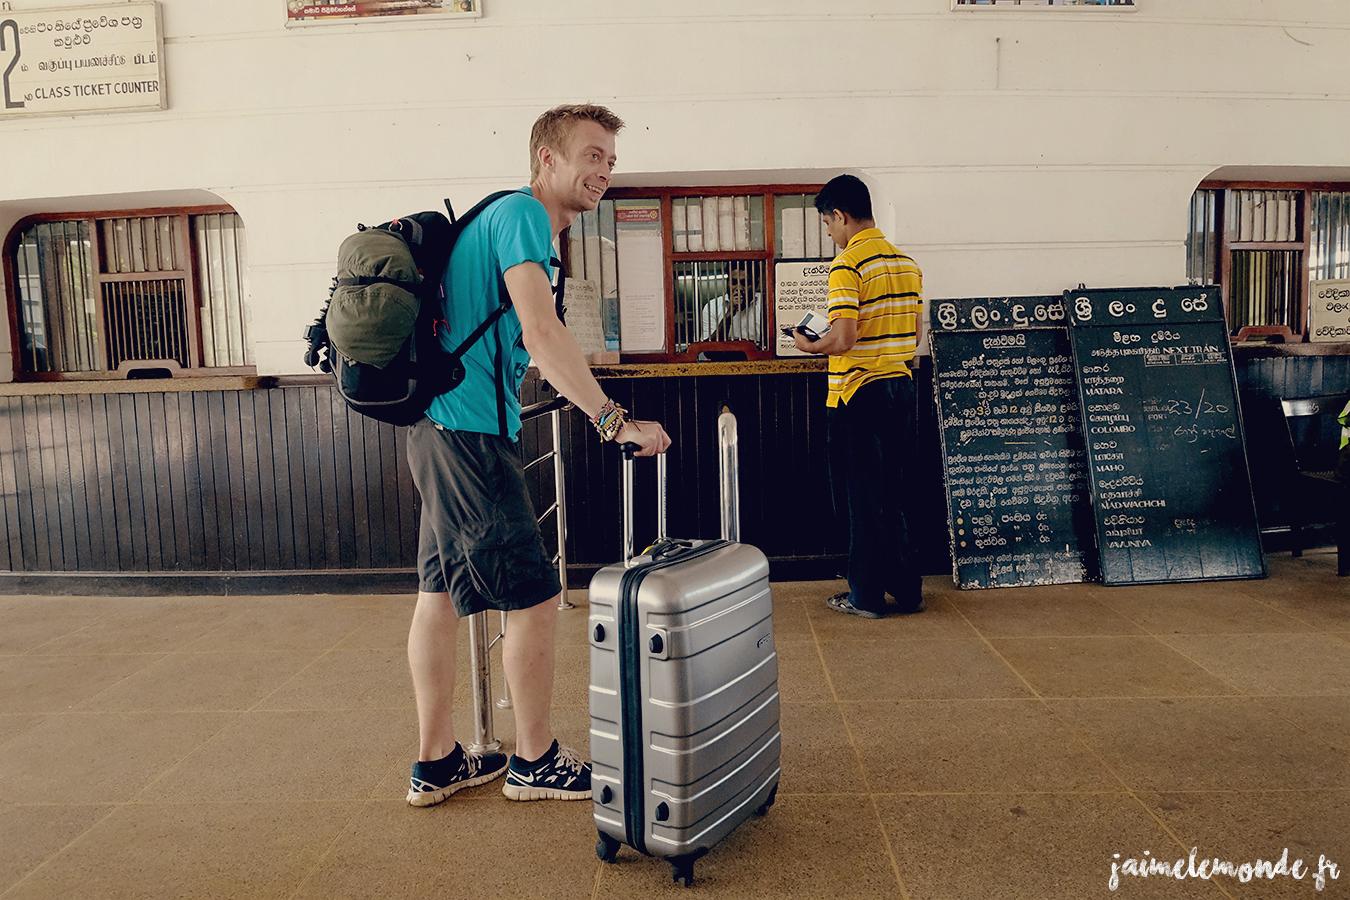 voyage au Sri Lanka - dans la valise - ©jaimelemonde (2)